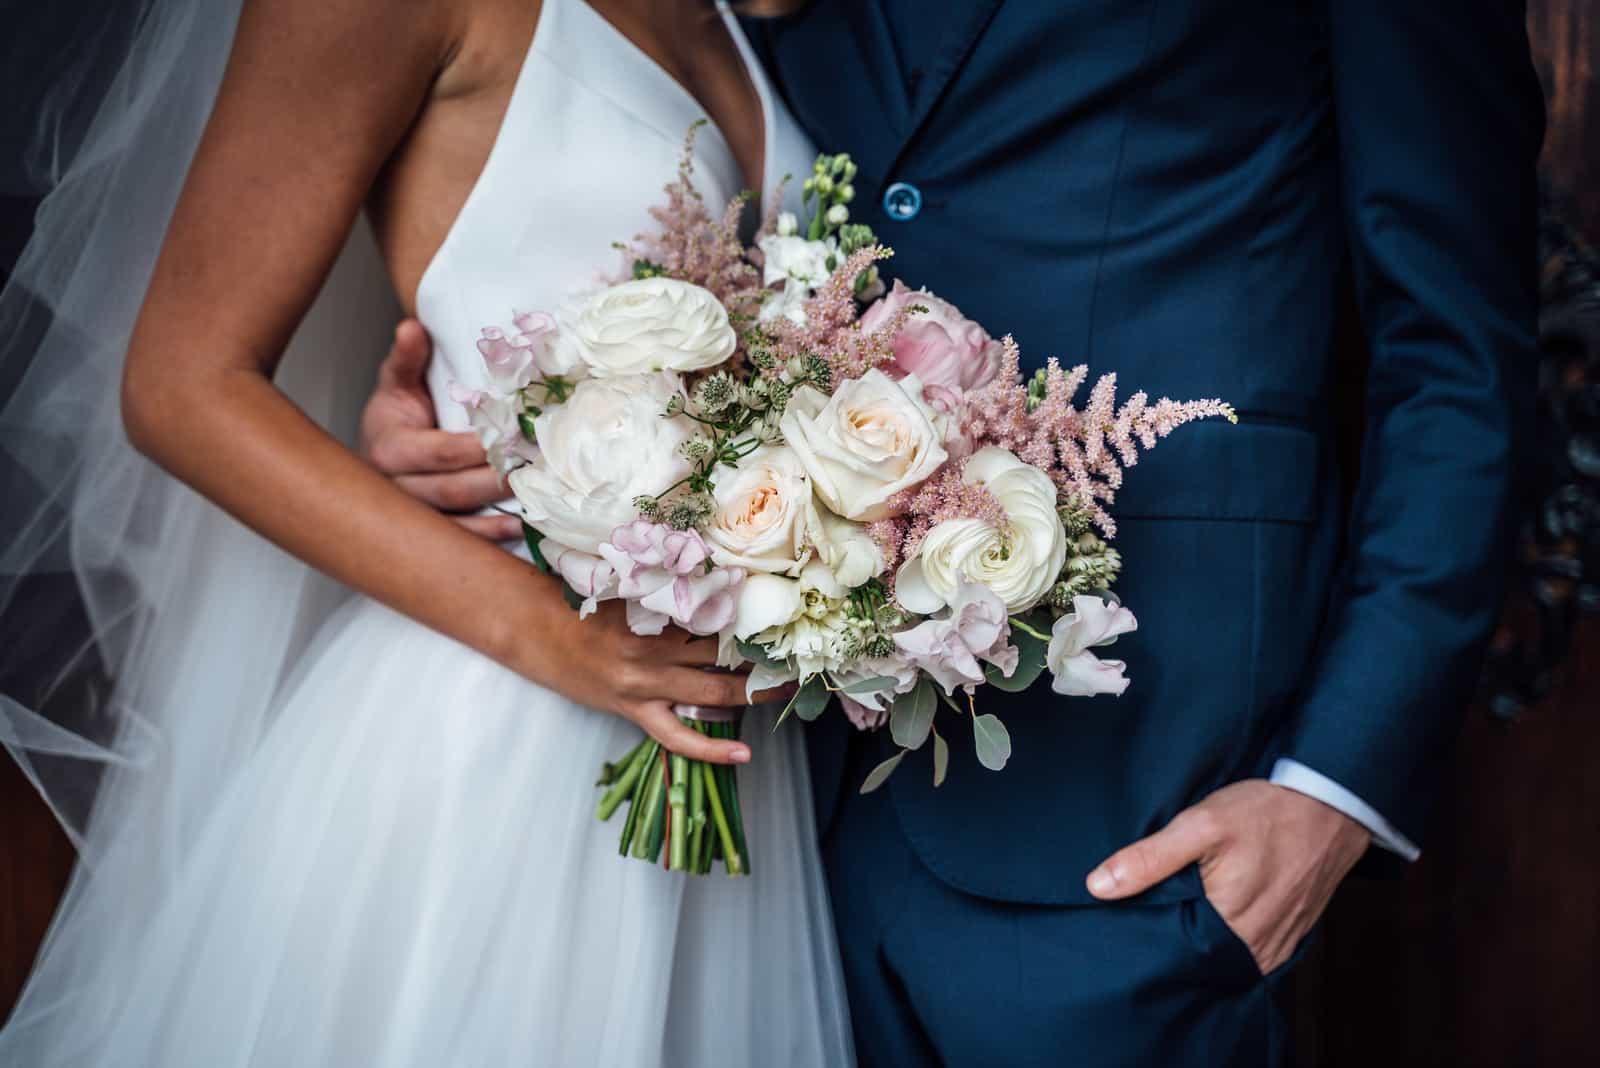 Braut mit Hochzeitsstrauß aus weißen und rosa Rosen